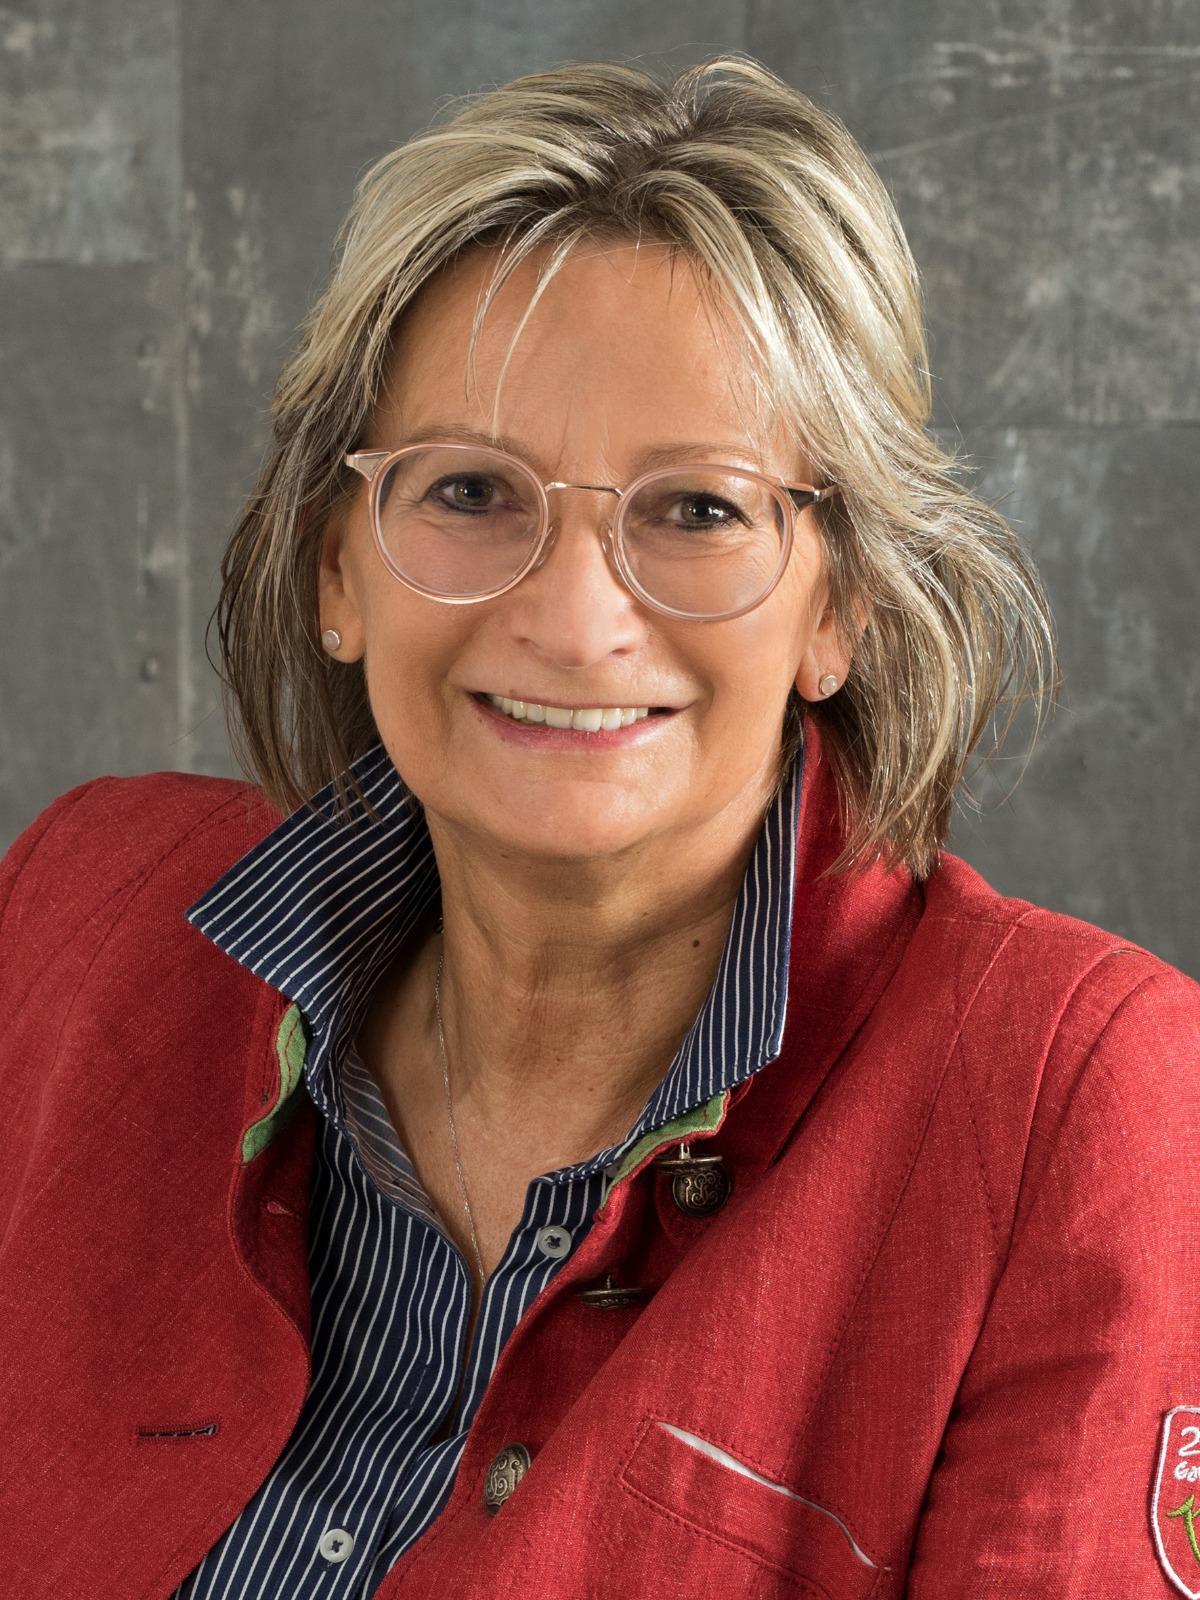 Vorsitzmde des SC Rhein-Ahr Sinzig Silvia Mühl